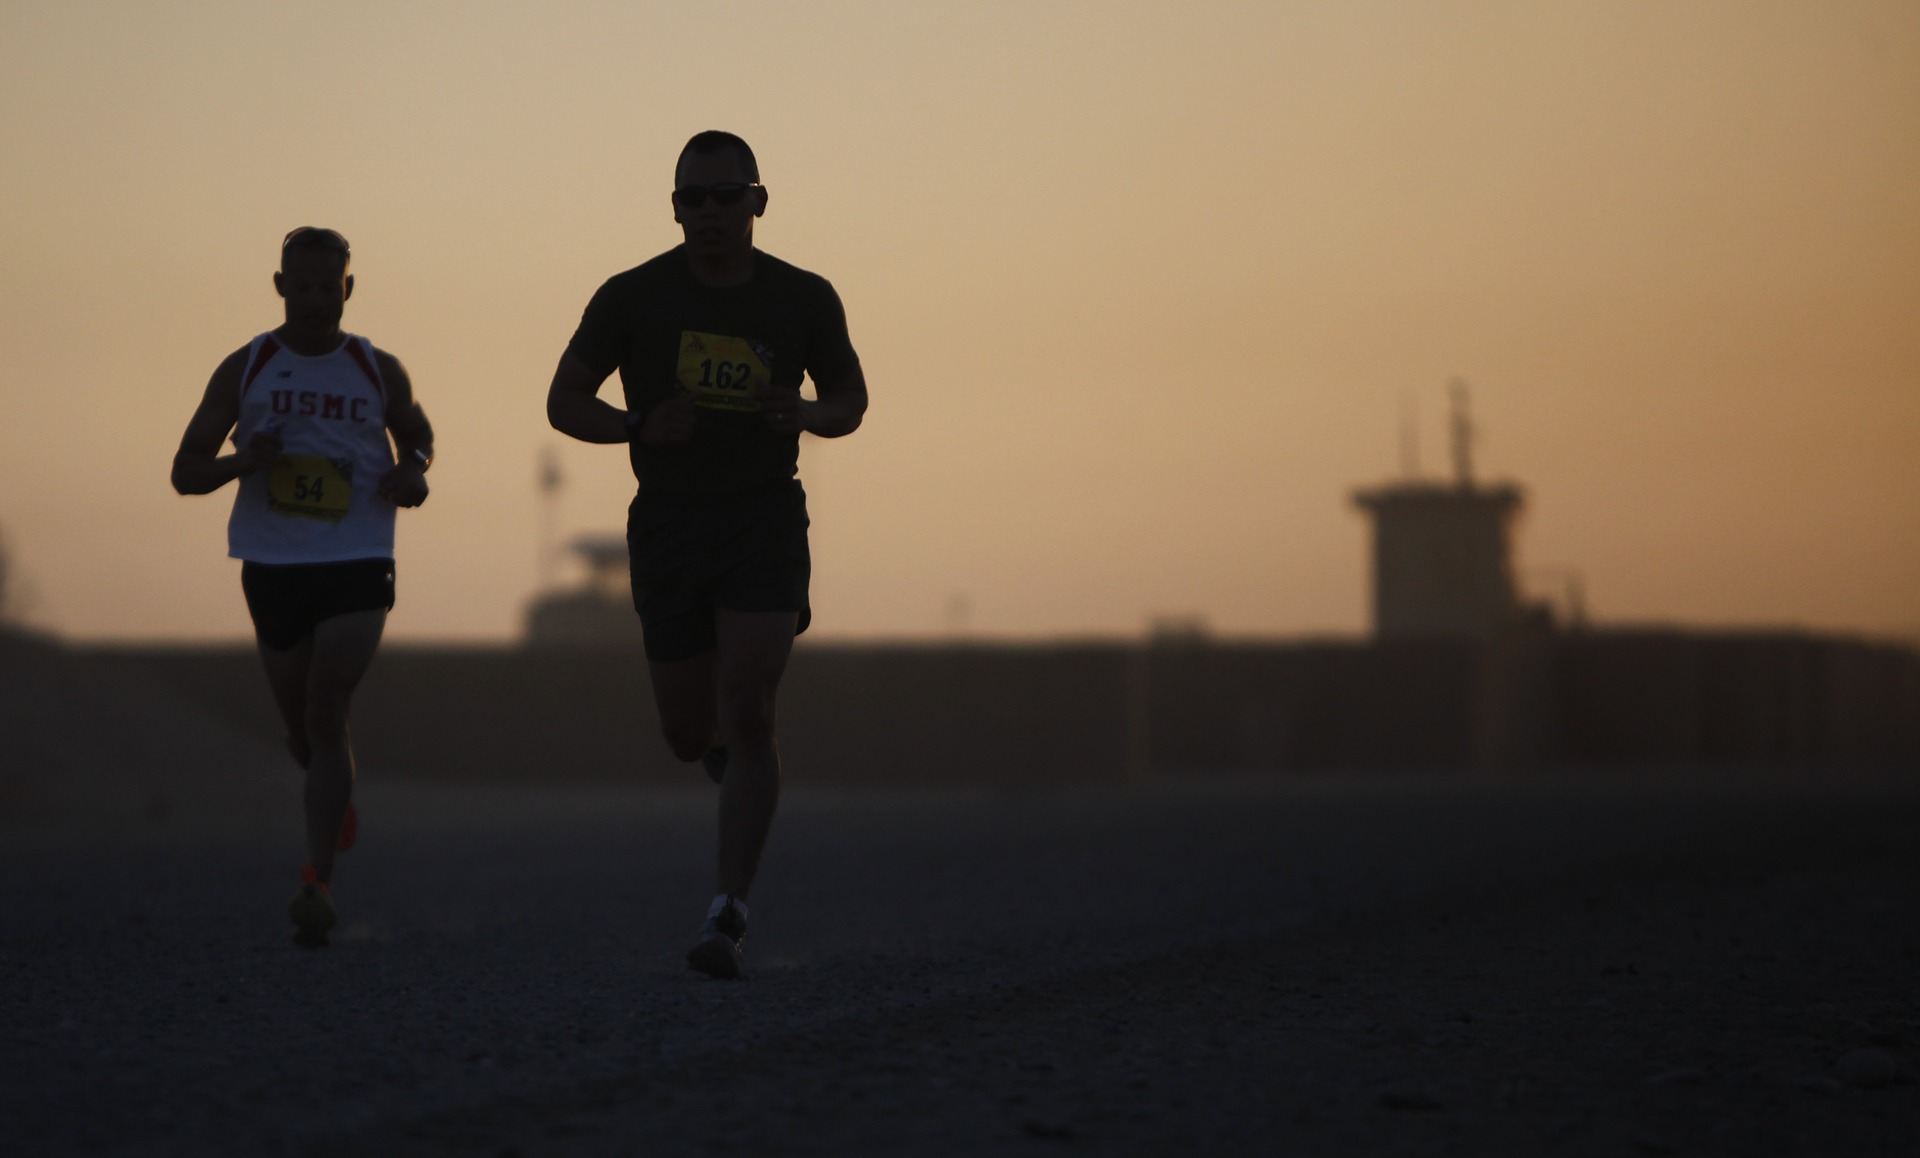 runners-802904_1920